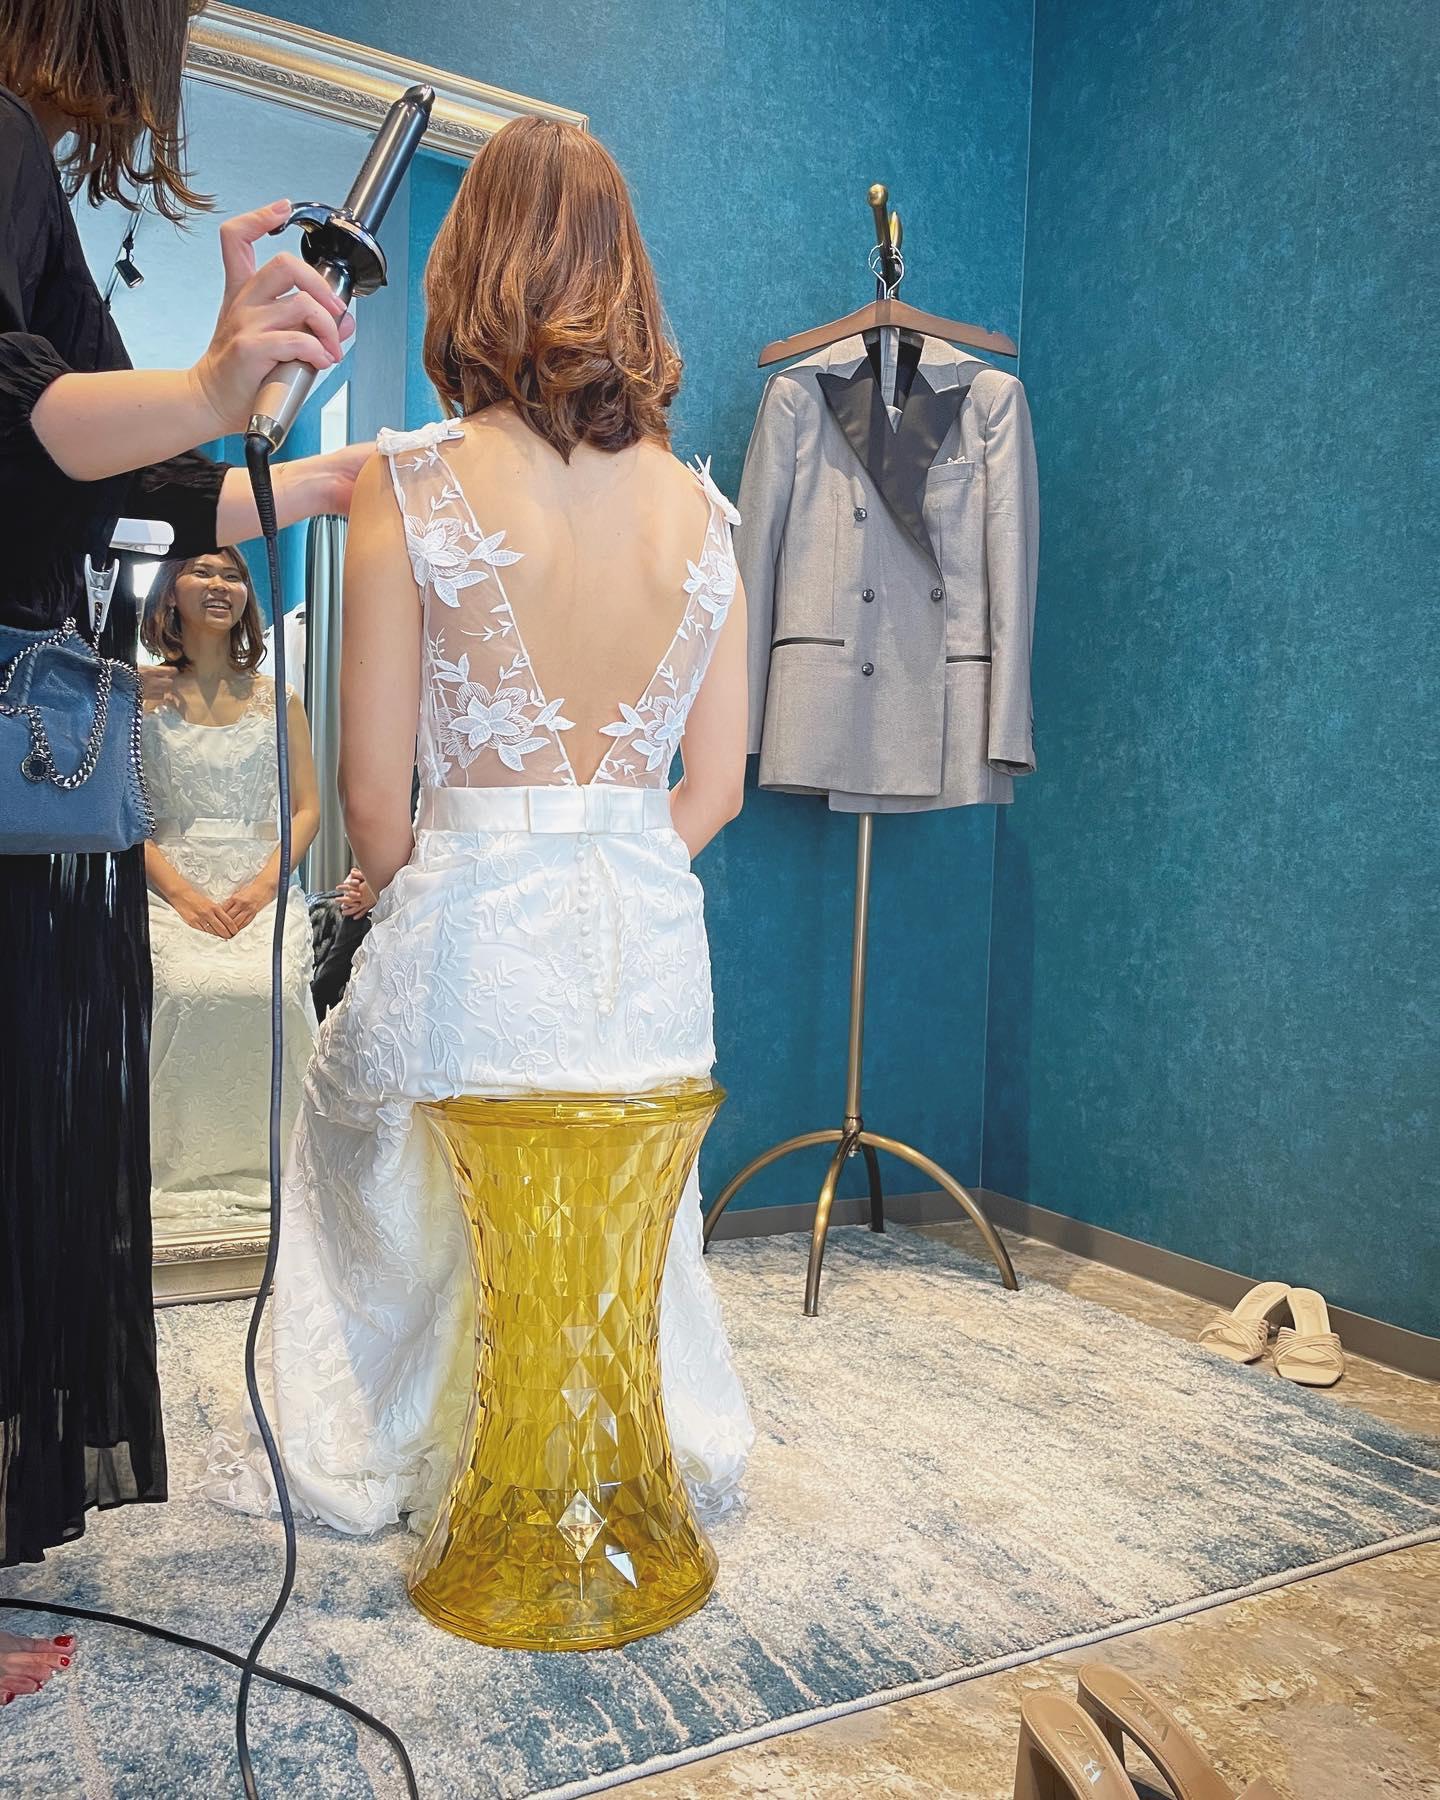 ・今日は先日のイベントの内容をご紹介人気のフォトウエディング会社「ONESTYLE」@とClarasの初のコラボイベントでした🕊・試着&撮影会📸という事で数着お好きなドレスをご試着いただき一番お気に入りのドレスでプロのカメラマンに撮影していただくという内容でした♀️🤵♂️・とっても好評のイベントでしたのでぜひまた企画したいと思います次回開催もお見逃しなく・#wedding #weddingdress #instagood #instalike #claras #paris #vowrenewal#ウェディングドレス #プレ花嫁 #ドレス試着 #ドレス迷子#2021冬婚 #ヘアメイク #結婚式  #ドレス選び #前撮り #インポートドレス #フォトウェディング #ウェディングヘア  #フォト婚 #ニューノーマル #ブライダルフォト #カップルフォト #ウェディングドレス探し #ウェディングドレス試着 #セルドレス #ドレスショップ #バウリニューアル #コラボイベント #試着レポ